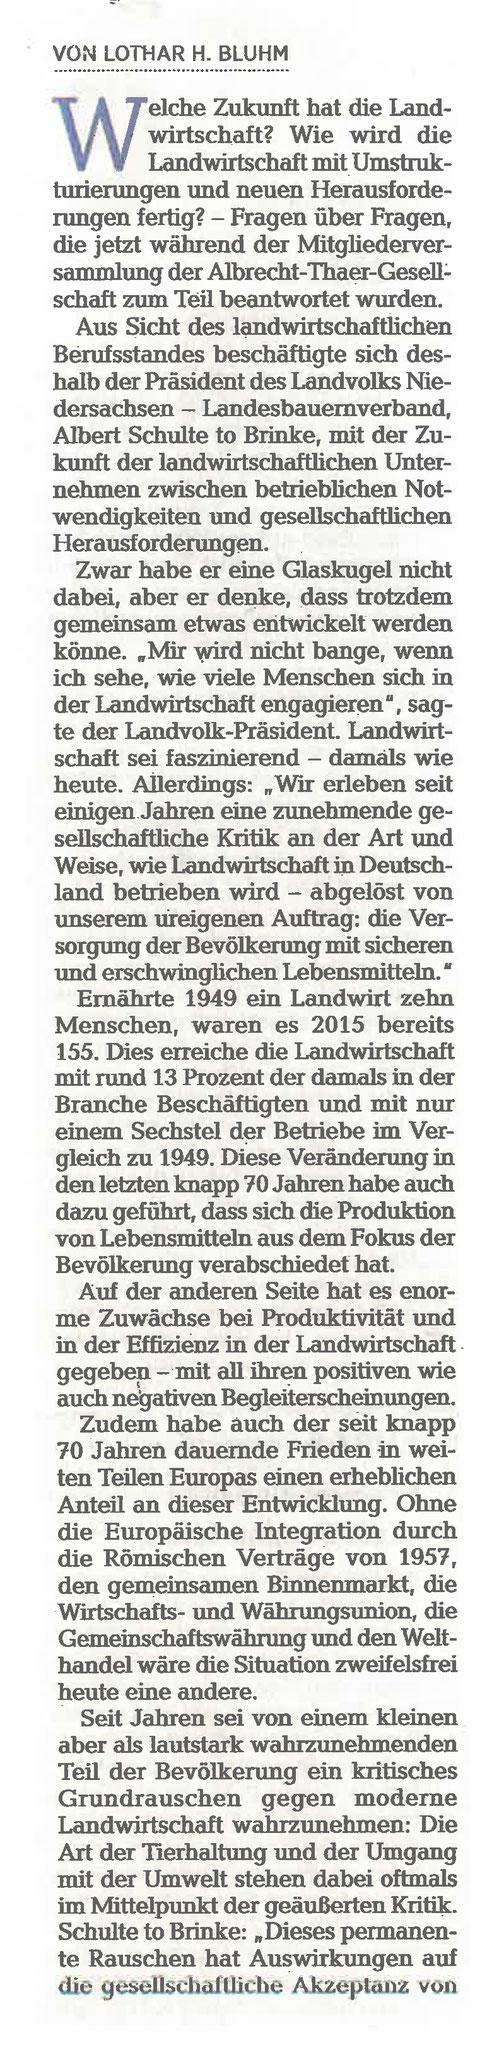 Cellesche Zeitung, Lothar H. Bluhm, 01.06.18